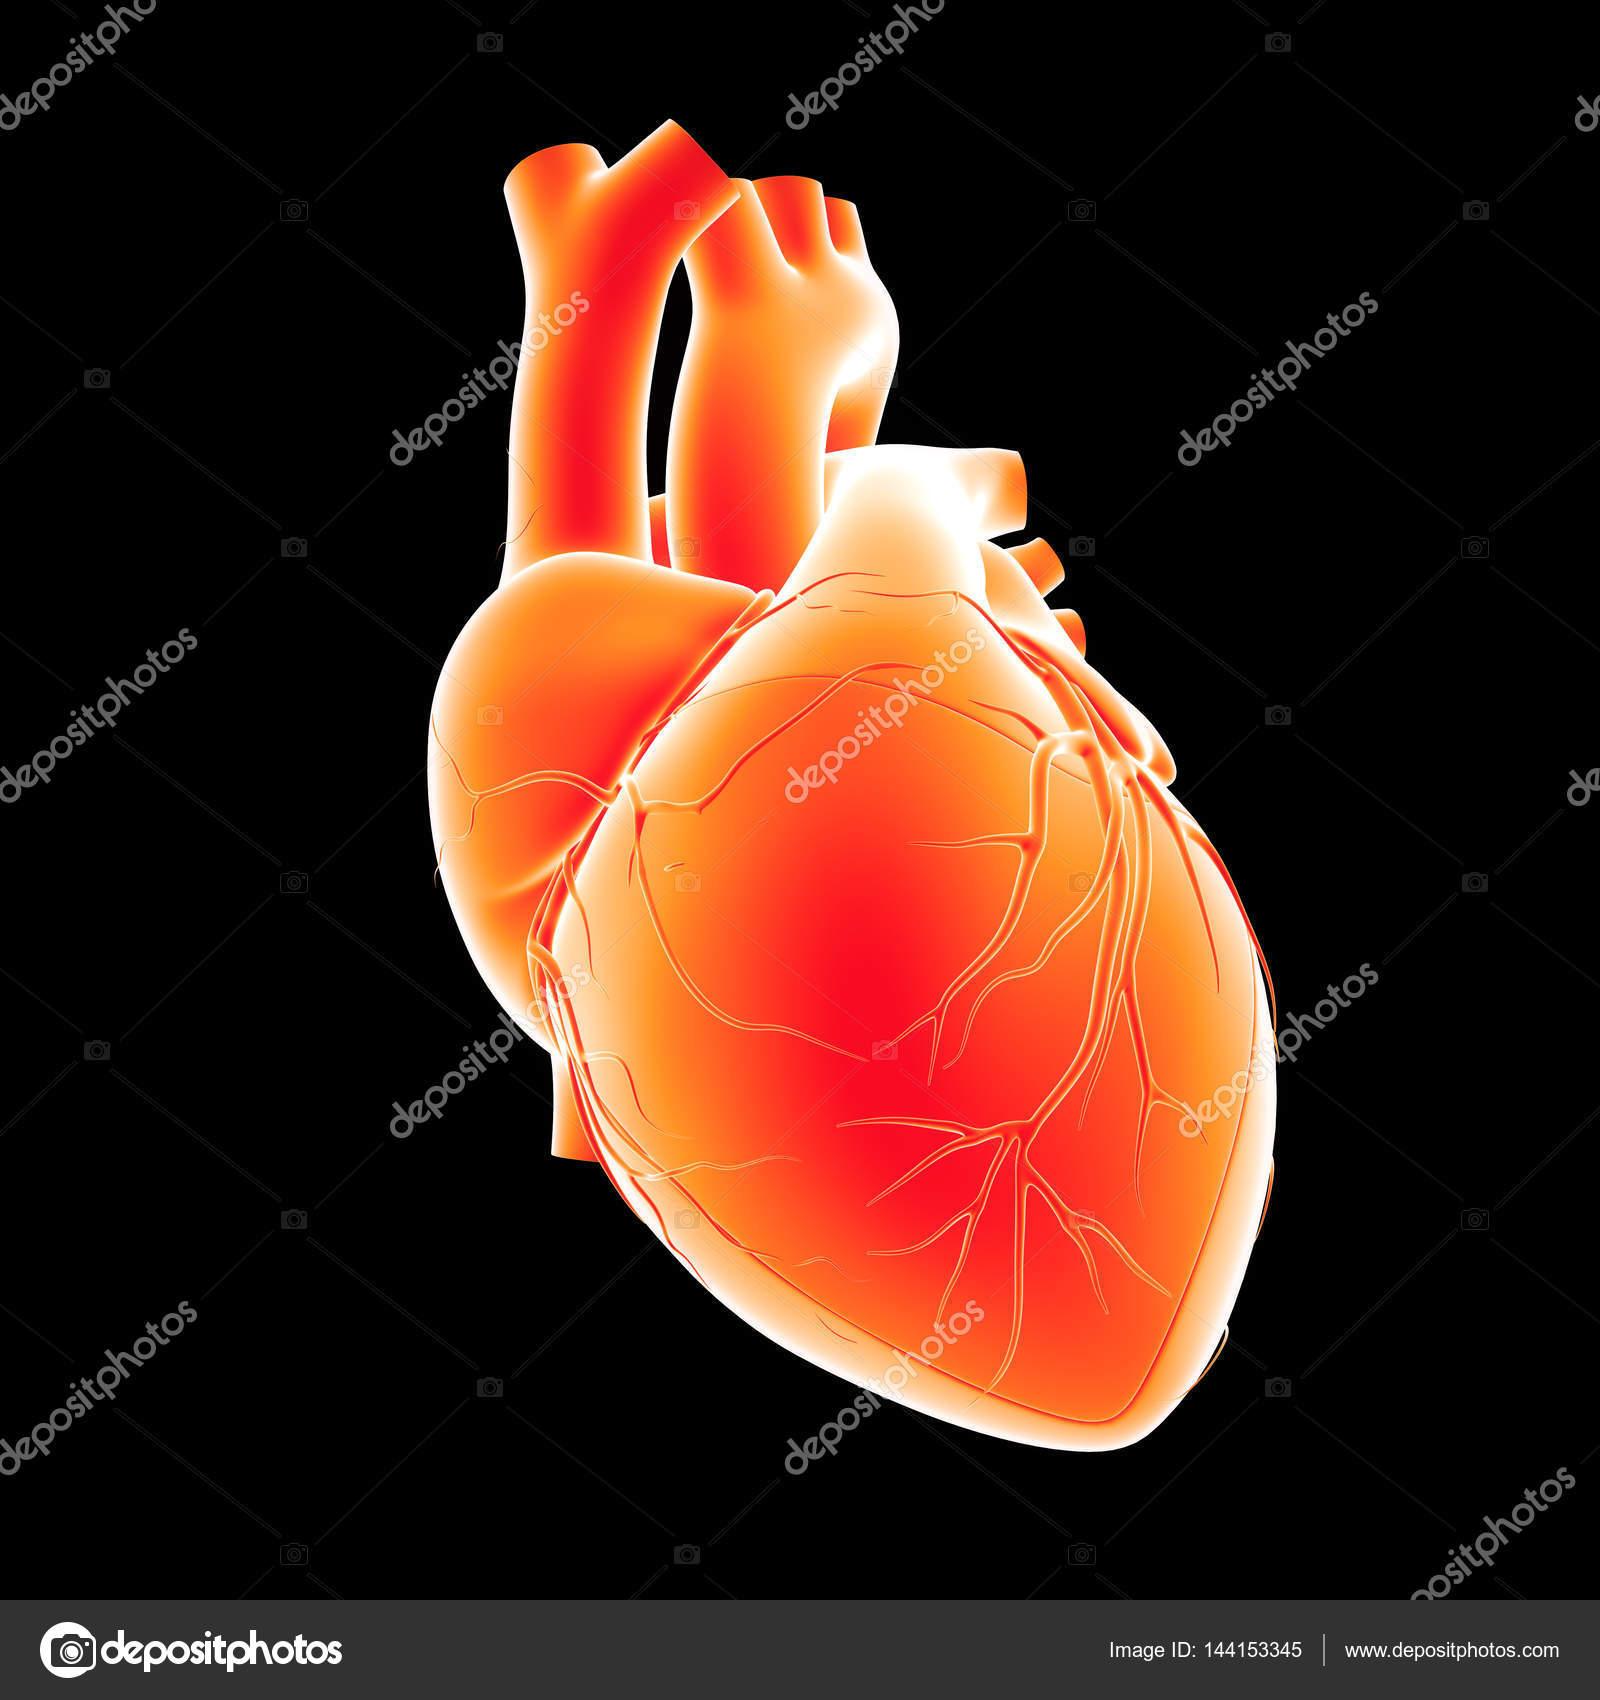 Ansicht des menschlichen Herzens — Stockfoto © sciencepics #144153345